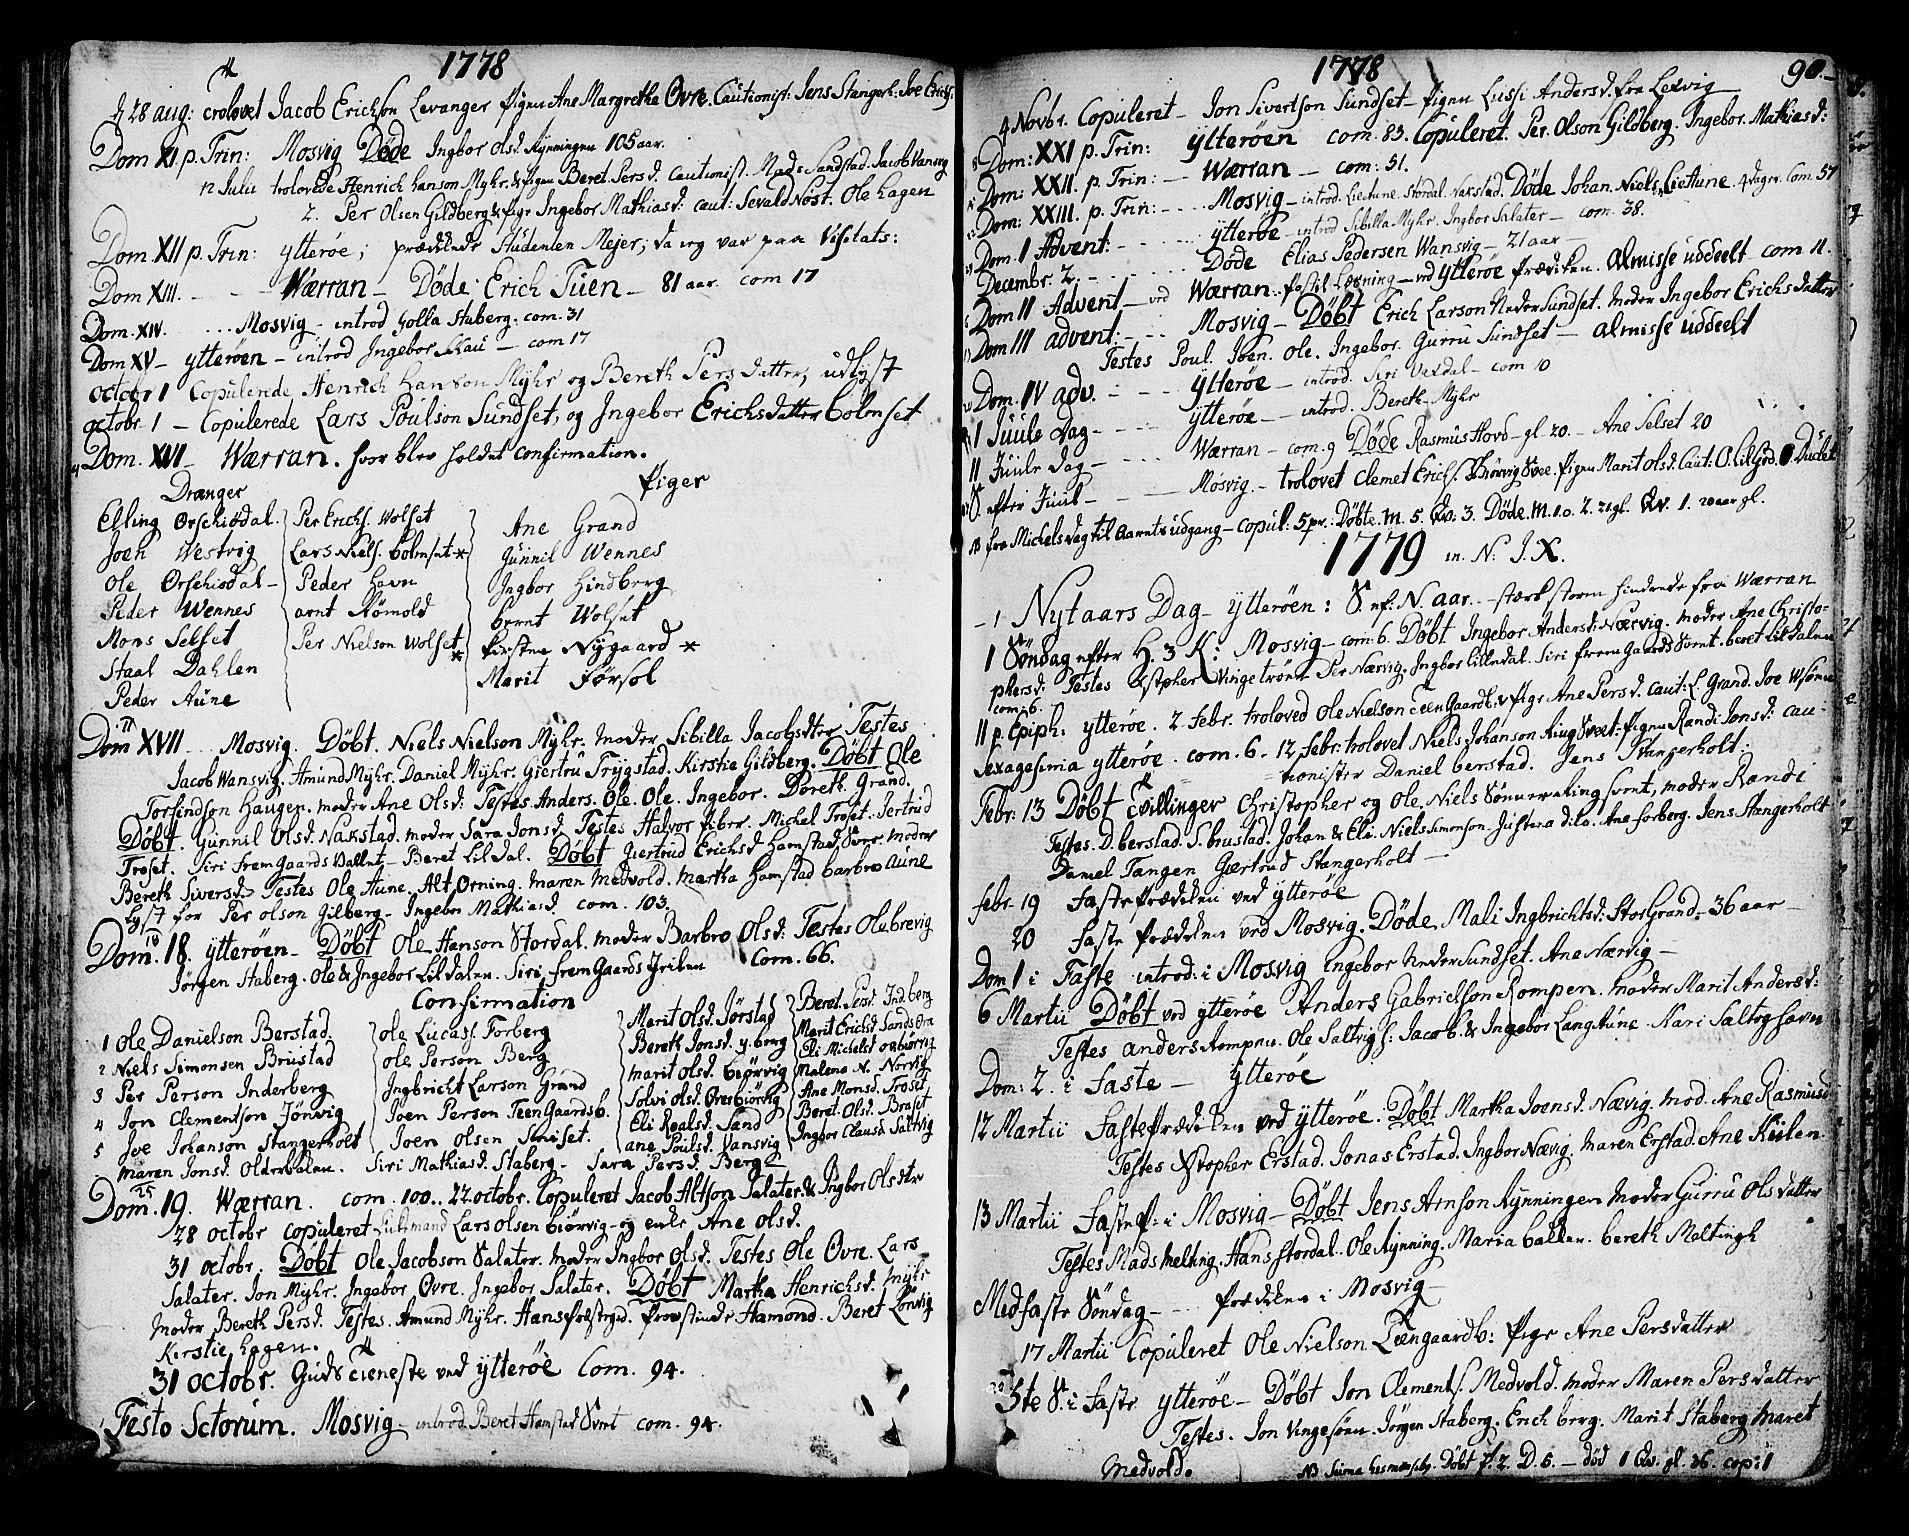 SAT, Ministerialprotokoller, klokkerbøker og fødselsregistre - Nord-Trøndelag, 722/L0216: Ministerialbok nr. 722A03, 1756-1816, s. 90